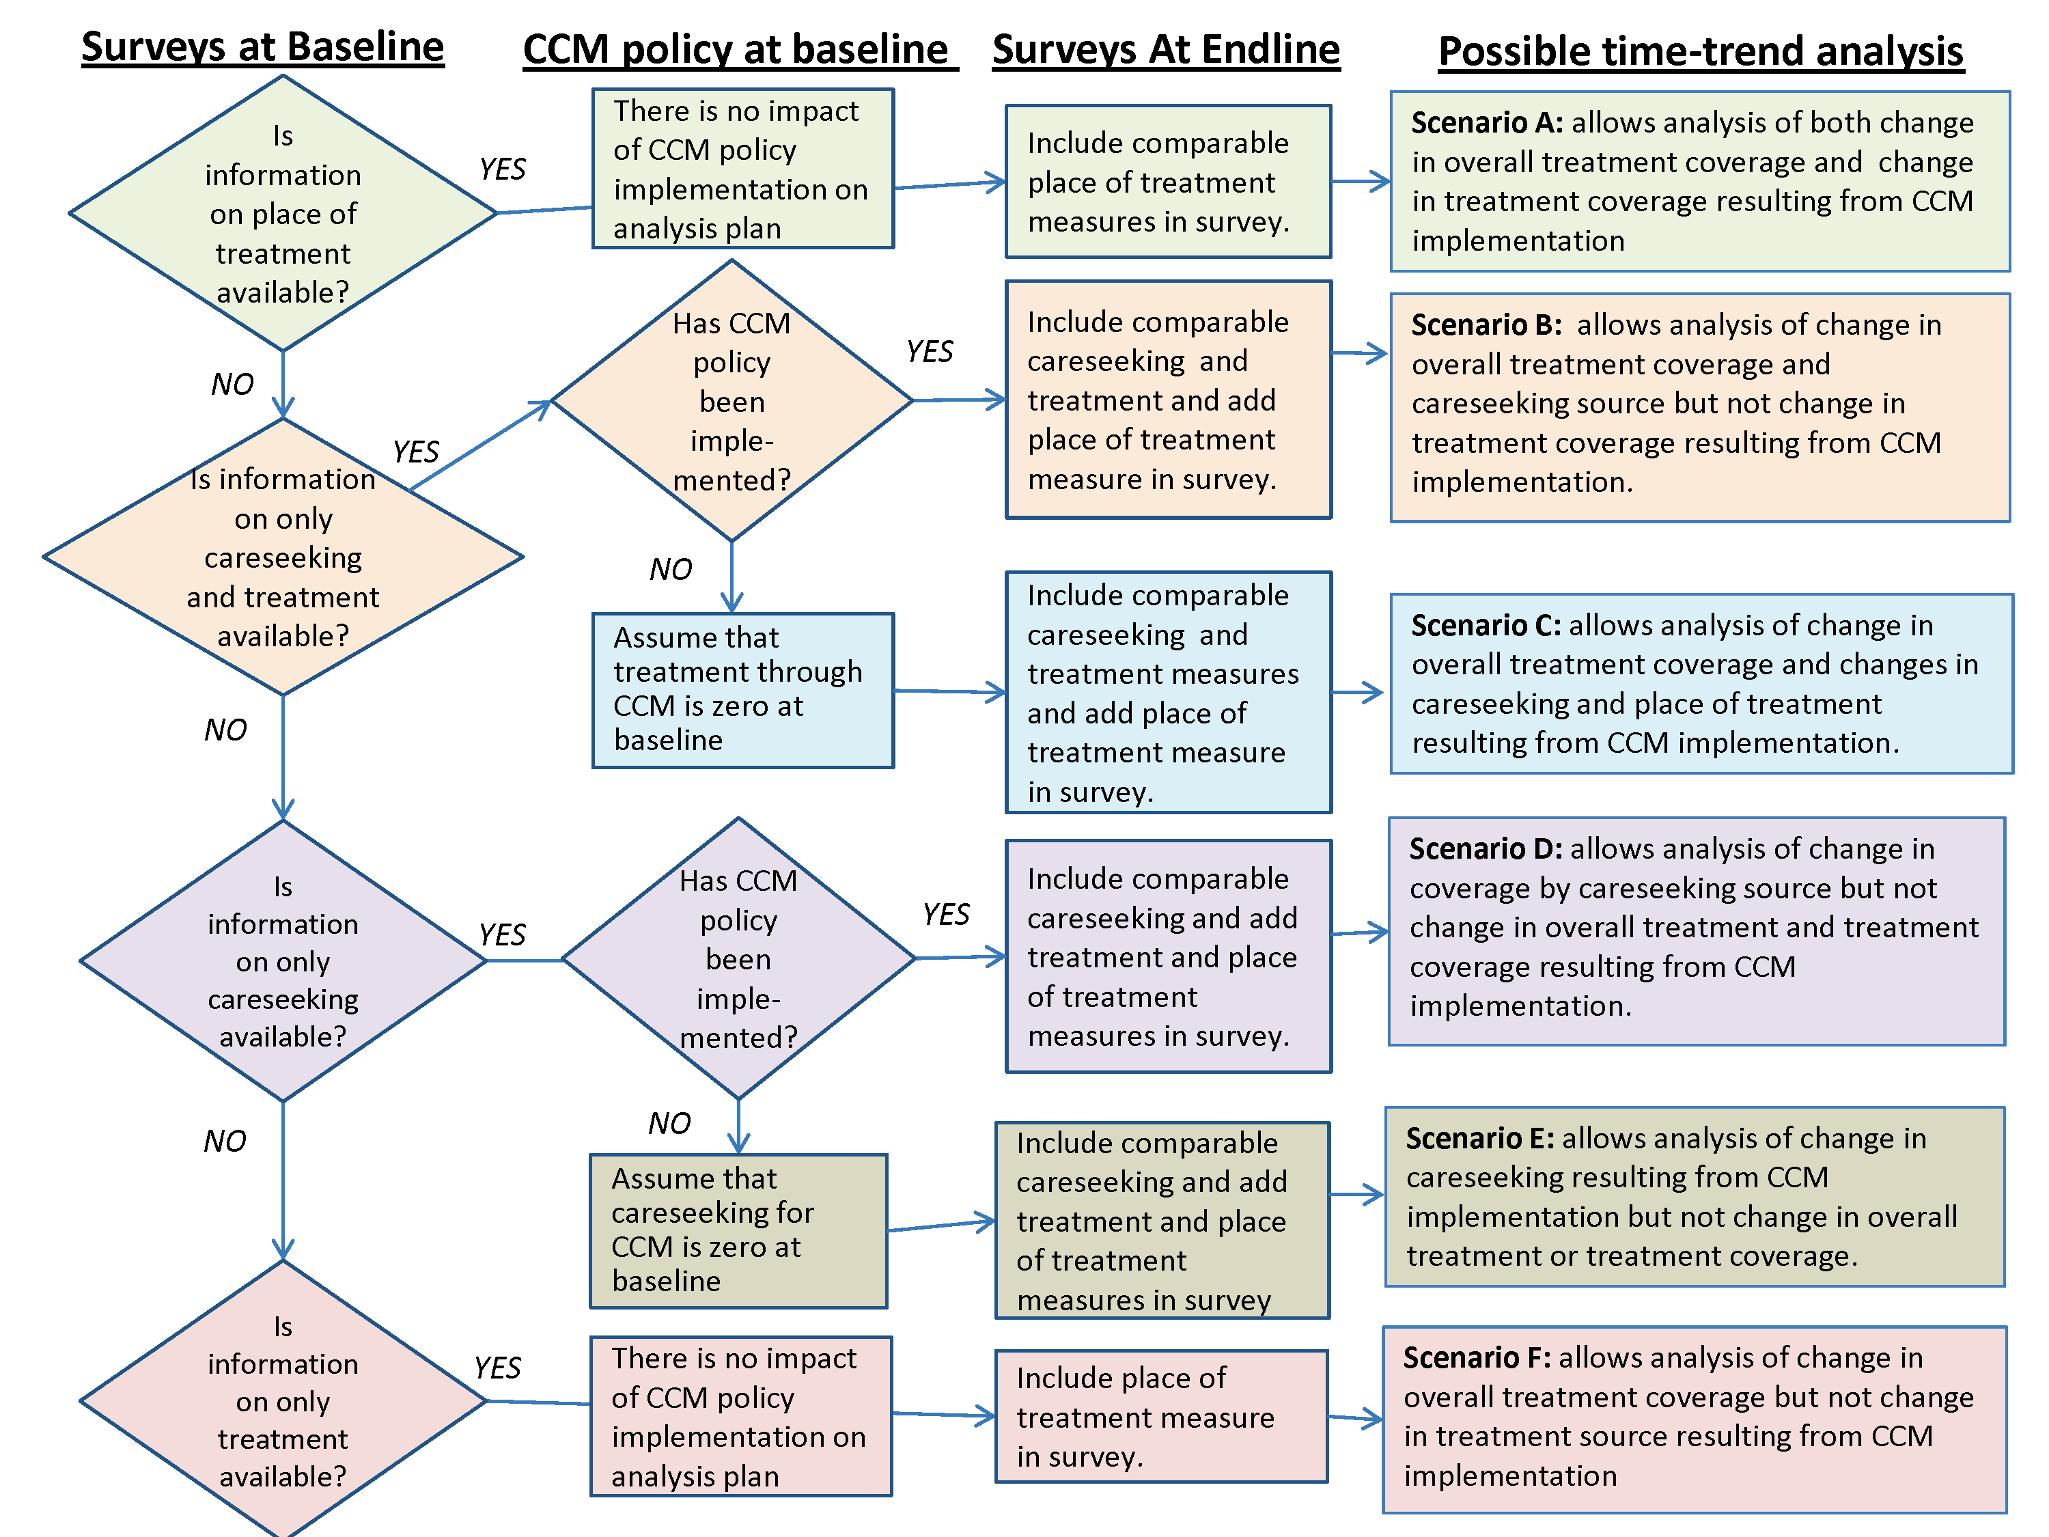 Analysis plan flow chart.